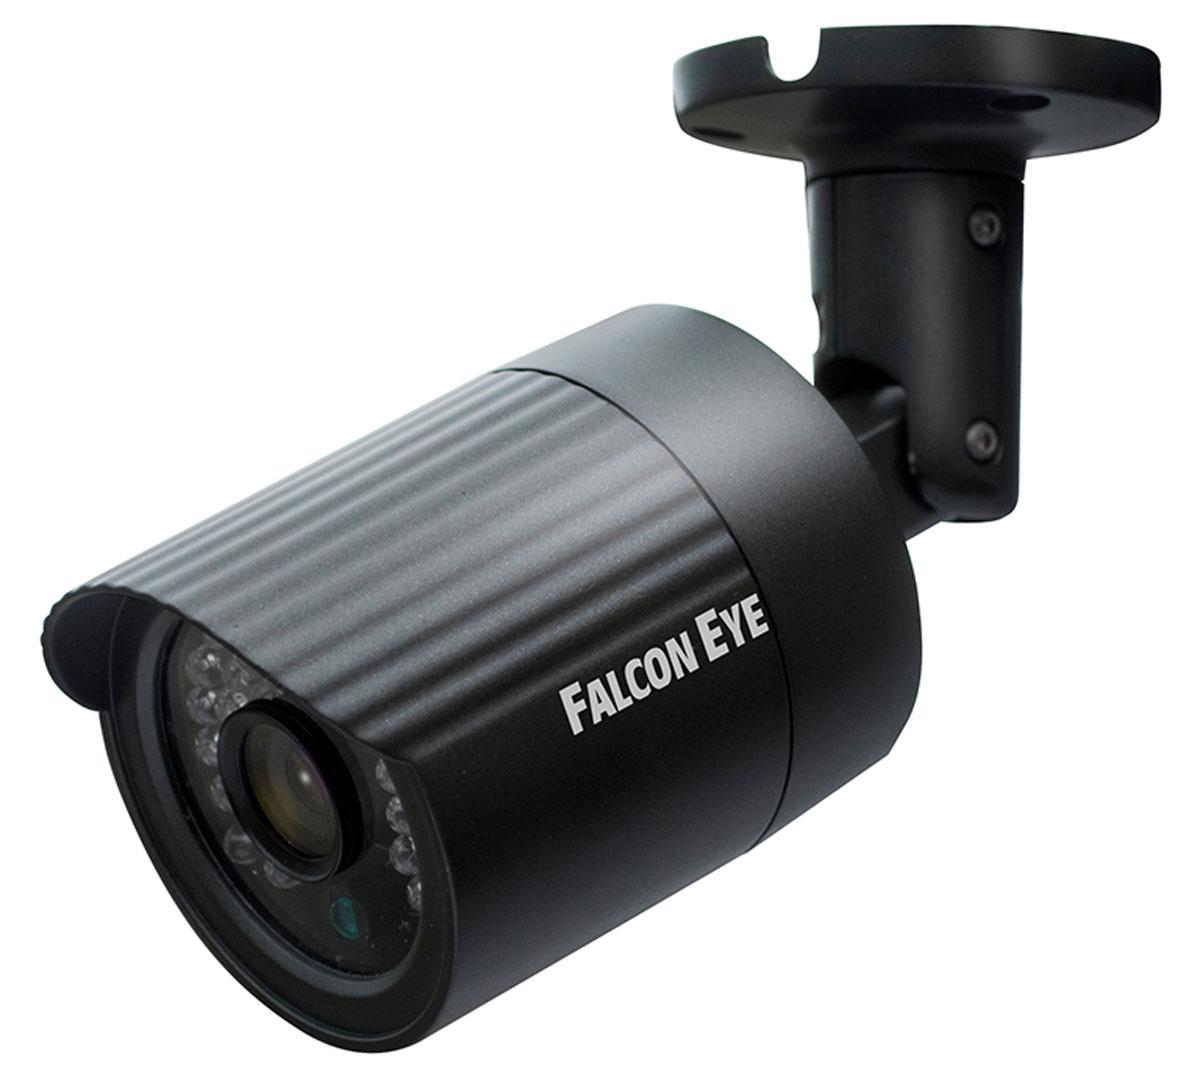 Falcon Eye FE-IPC-BL100P уличная IP-камераFE-IPC-BL100PСетевая уличная видеокамера Falcon Eye FE-IPC-BL100P построена на CMOS матрице OmniVision 1/4, с разрешением 1.3 мегапикселя. На устройстве установлен объектив с фокусным расстоянием 2,8 мм, что при матрице такого размера будет давать угол обзора, сопоставимый с объективом 3,6 мм. Камера выполнена в миниатюрном металлическом корпусе и способна выдавать в сеть видео поток с разрешением 1280х720Р. Возможность работать по Poe является дополнительным бонусом данной модели.Скорость затвора: 1/25 - 1/10000День/ночь: Auto/B/W/Color/EXT ICR switchingФункционал: DWDR, 3D NКРазрешение: 1280 х 720Видео: Bit rate 1024Kbps-6144KbpsМобильные платформы: Apple, AndroidПотребляемая мощность: менее 5 ВтКак выбрать камеру видеонаблюдения для дома. Статья OZON Гид